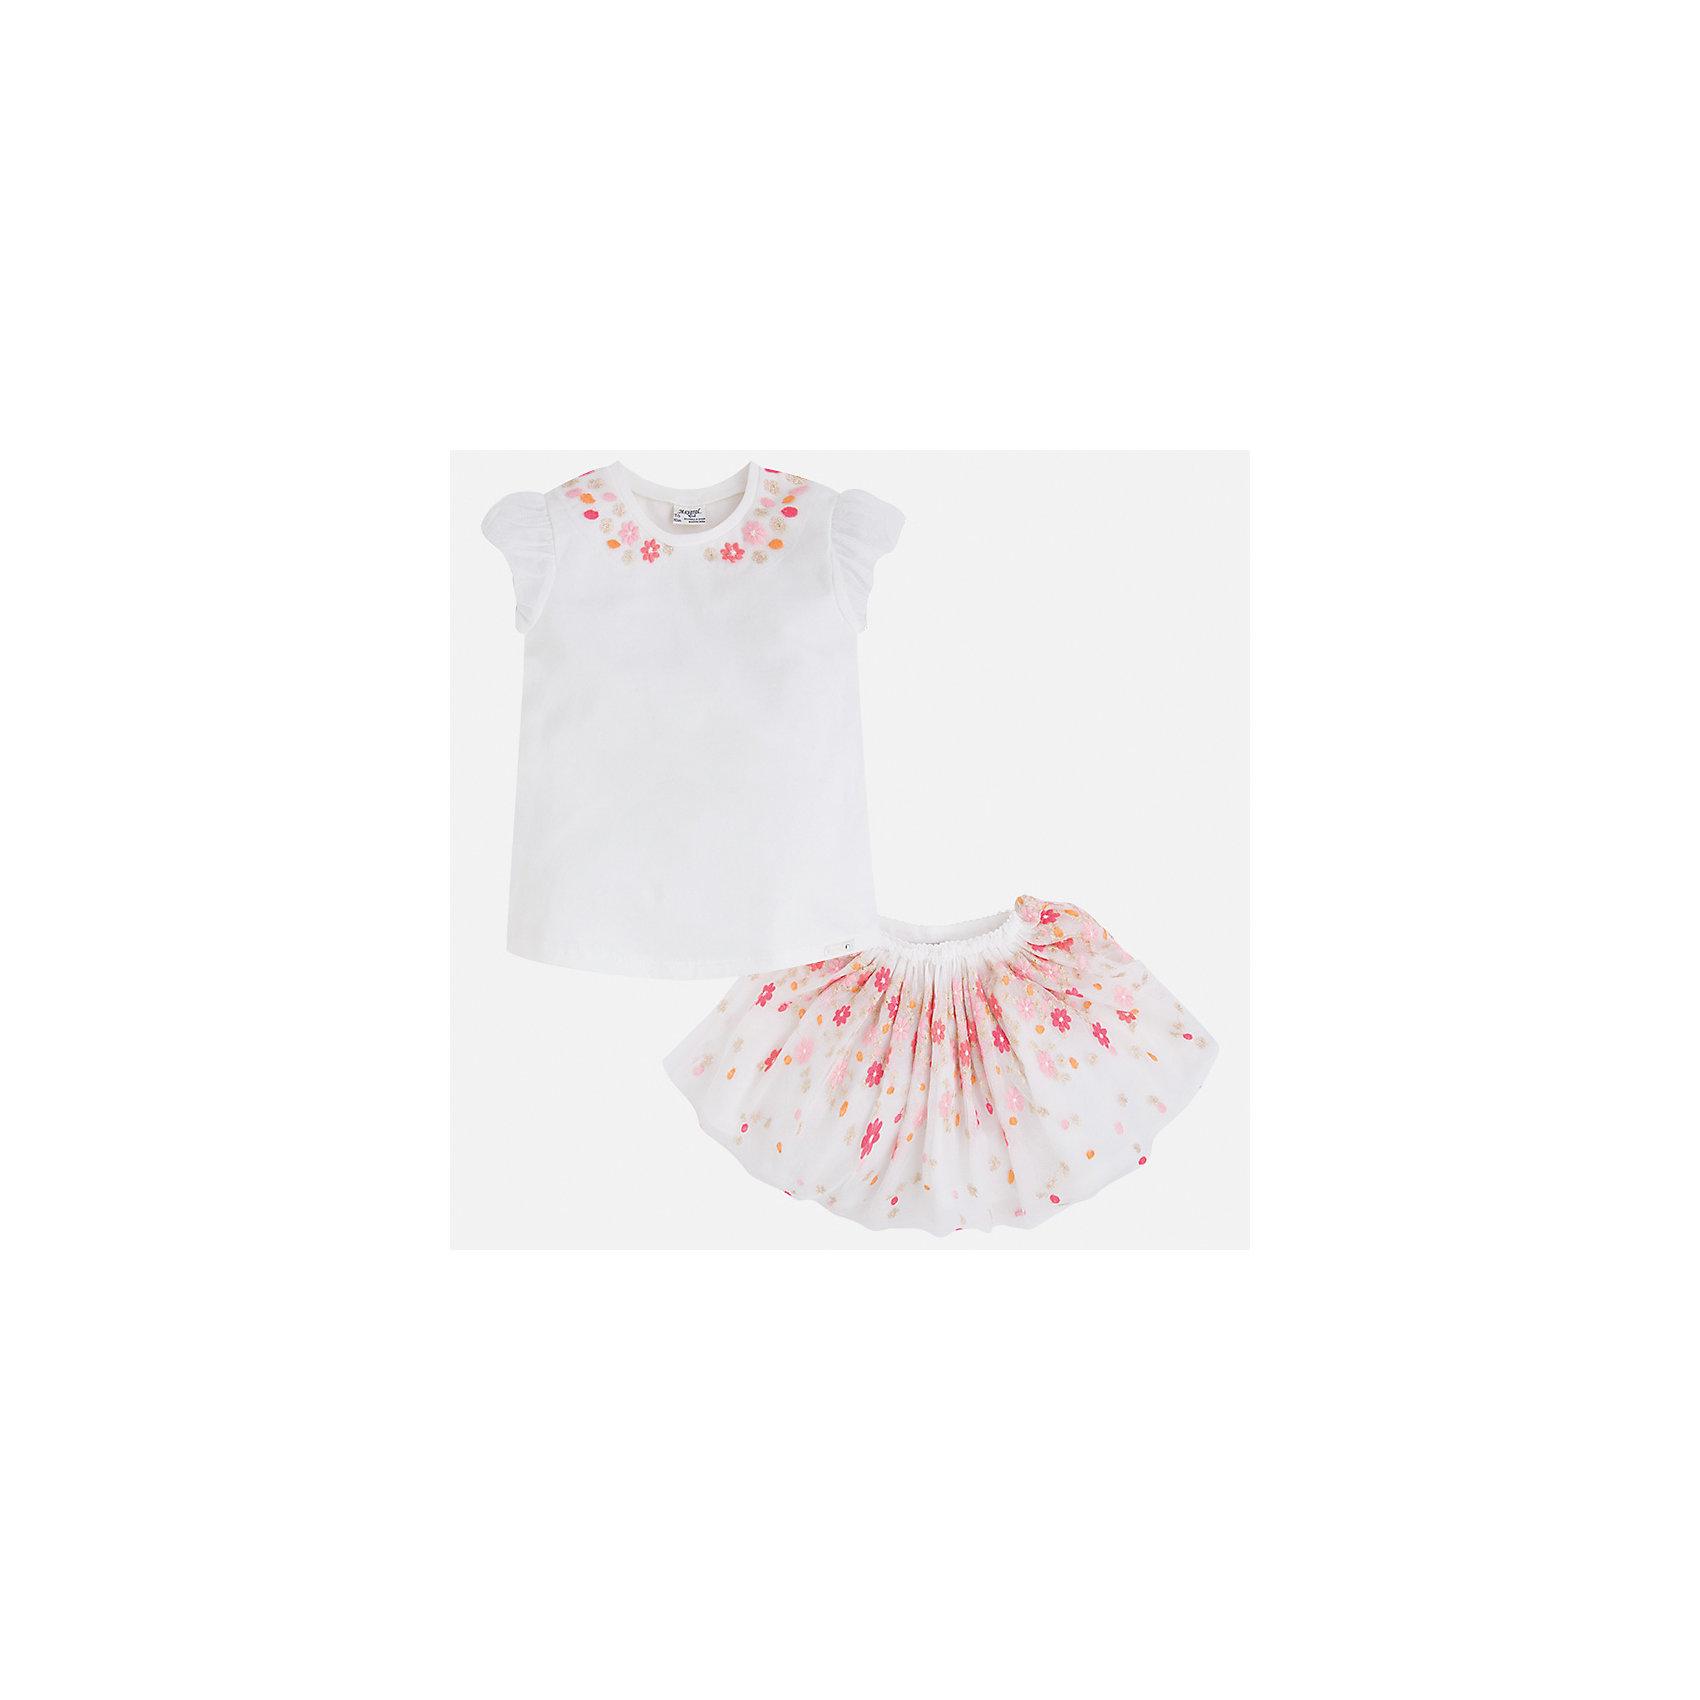 Комплект: топ и юбка для девочки MayoralВесенняя капель<br>Характеристики товара:<br><br>• цвет: белый<br>• состав: 57% хлопок, 38% полиэстер, 5% эластан<br>• комплектация: юбка, топ<br>• топ декорирован вышивкой<br>• юбка декорирована принтом<br>• пояс на резинке<br>• страна бренда: Испания<br><br>Стильный качественный комплект для девочки поможет разнообразить гардероб ребенка и красиво одеться в теплую погоду. Он отлично сочетается с другими предметами. Универсальный цвет позволяет подобрать к вещам обувь практически любой расцветки. Интересная отделка модели делает её нарядной и оригинальной. В составе материала - натуральный хлопок, гипоаллергенный, приятный на ощупь, дышащий.<br><br>Одежда, обувь и аксессуары от испанского бренда Mayoral полюбились детям и взрослым по всему миру. Модели этой марки - стильные и удобные. Для их производства используются только безопасные, качественные материалы и фурнитура. Порадуйте ребенка модными и красивыми вещами от Mayoral! <br><br>Комплект для девочки от испанского бренда Mayoral (Майорал) можно купить в нашем интернет-магазине.<br><br>Ширина мм: 207<br>Глубина мм: 10<br>Высота мм: 189<br>Вес г: 183<br>Цвет: оранжевый<br>Возраст от месяцев: 84<br>Возраст до месяцев: 96<br>Пол: Женский<br>Возраст: Детский<br>Размер: 128,134,98,104,110,116,122<br>SKU: 5291415